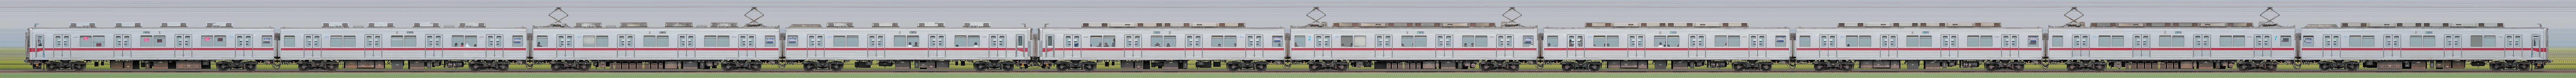 東武10030型11661編成(山側)の編成サイドビュー